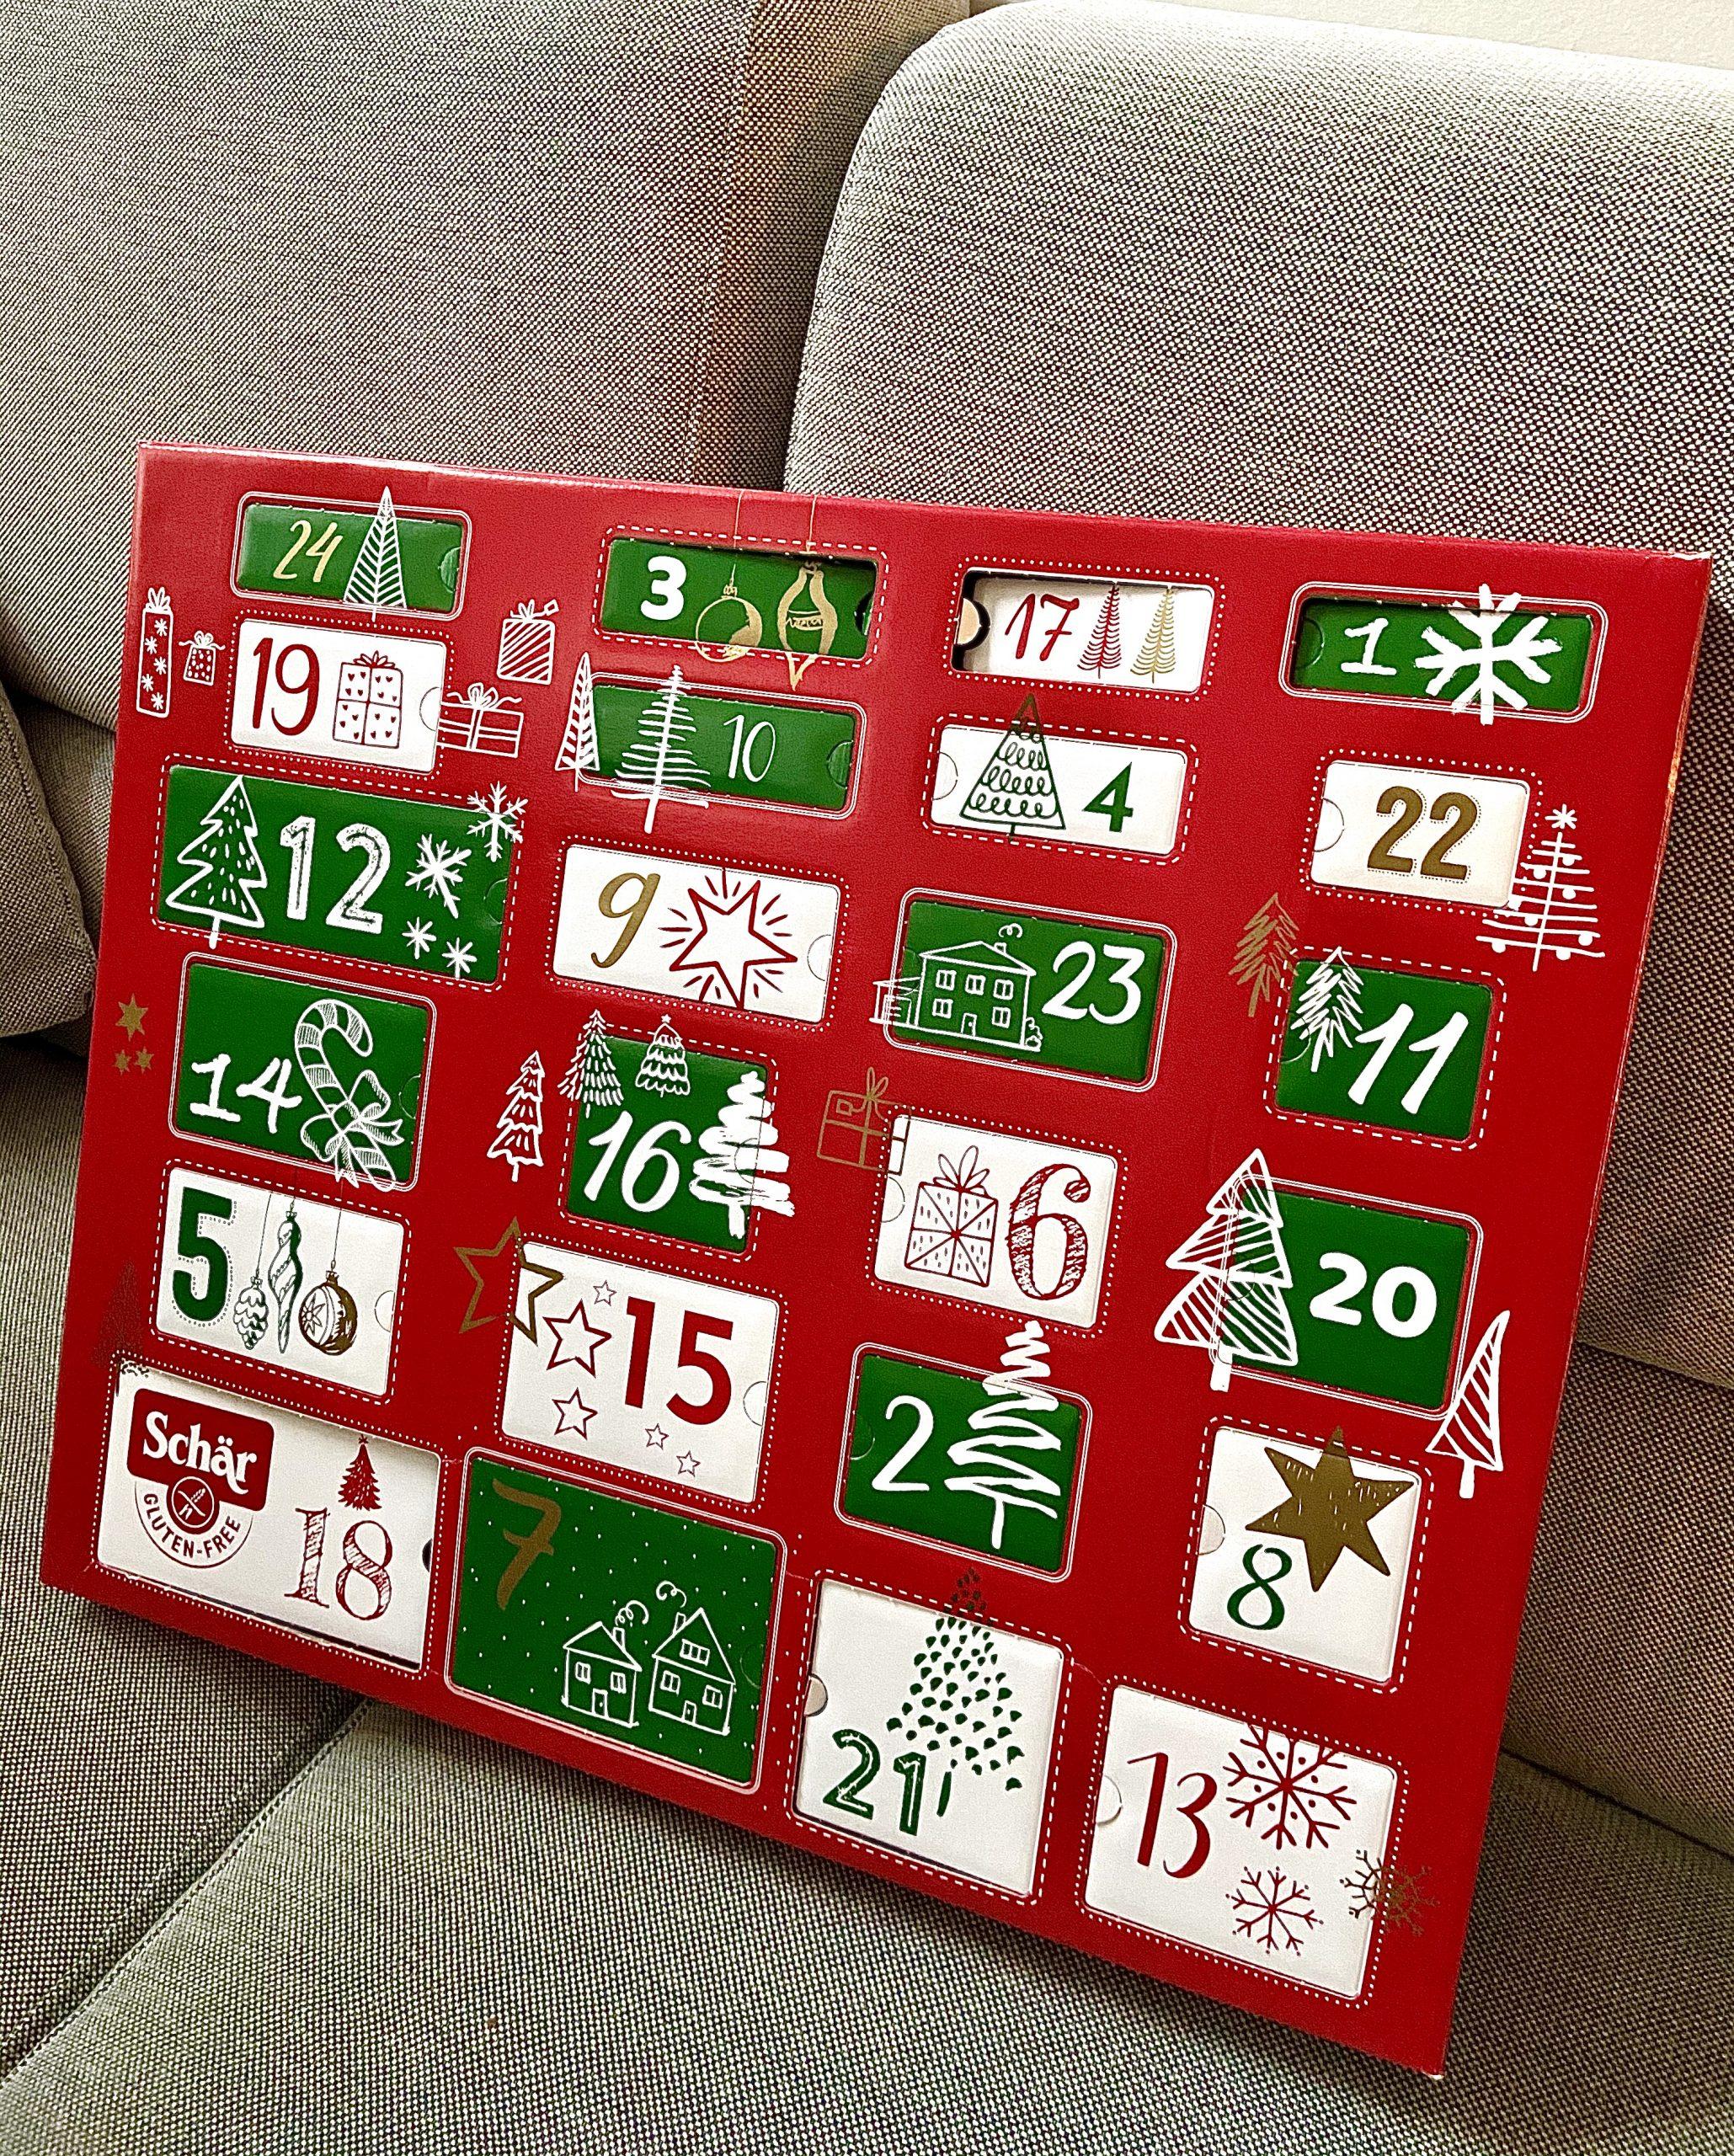 Der glutenfreie Adventkalender von Schär